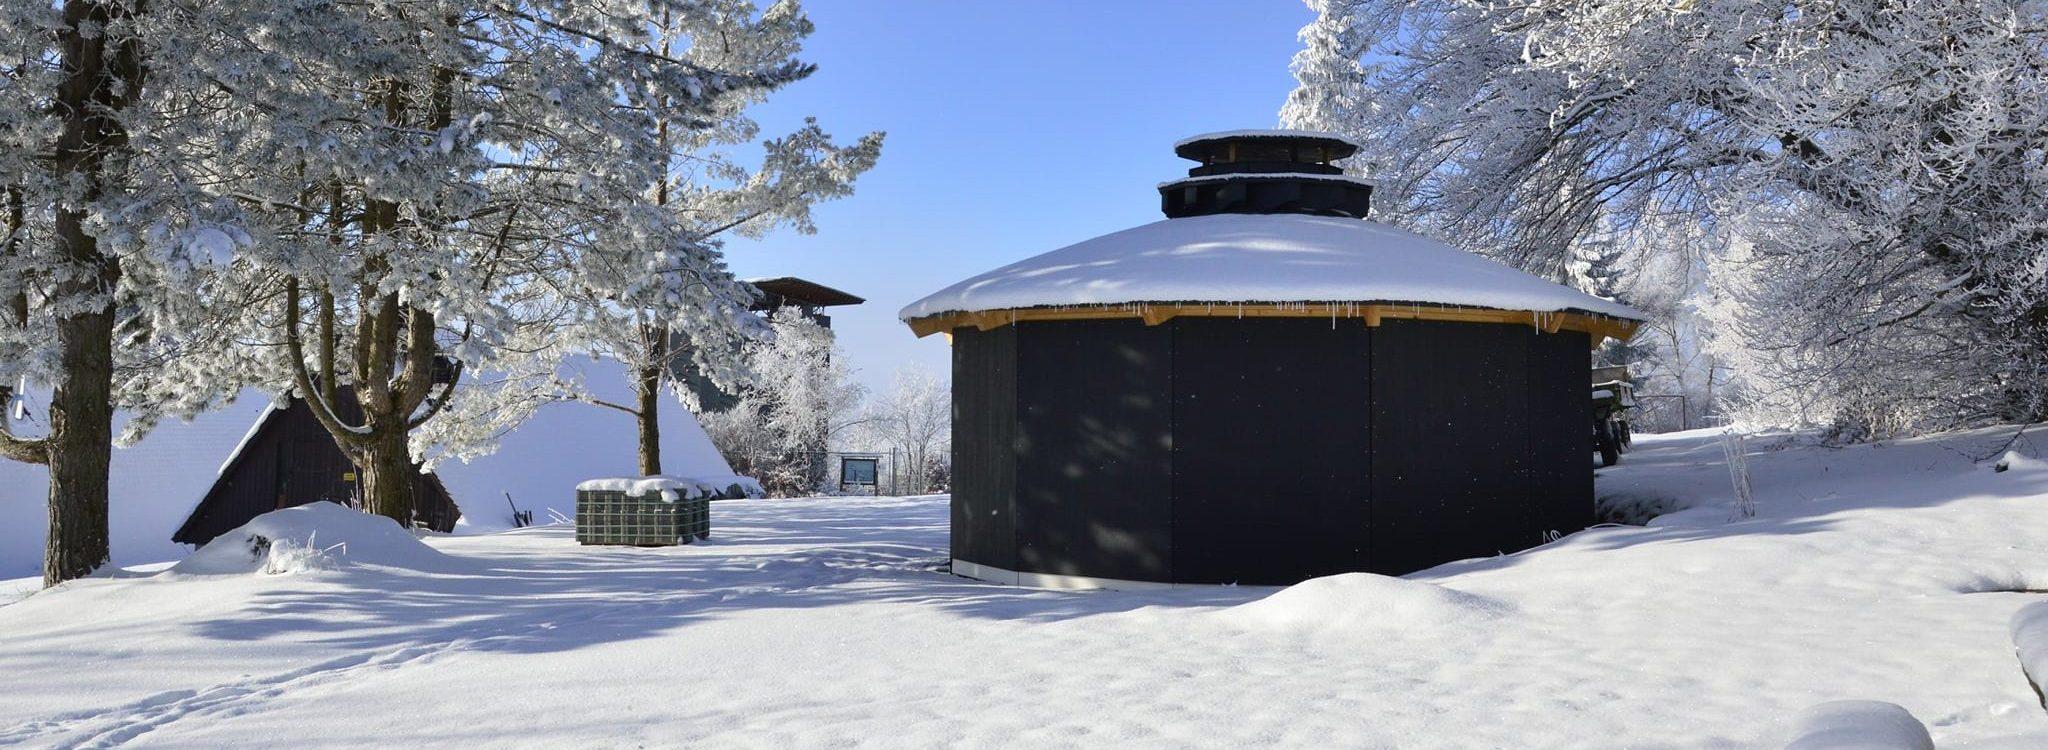 Schnee - Urheber Conny